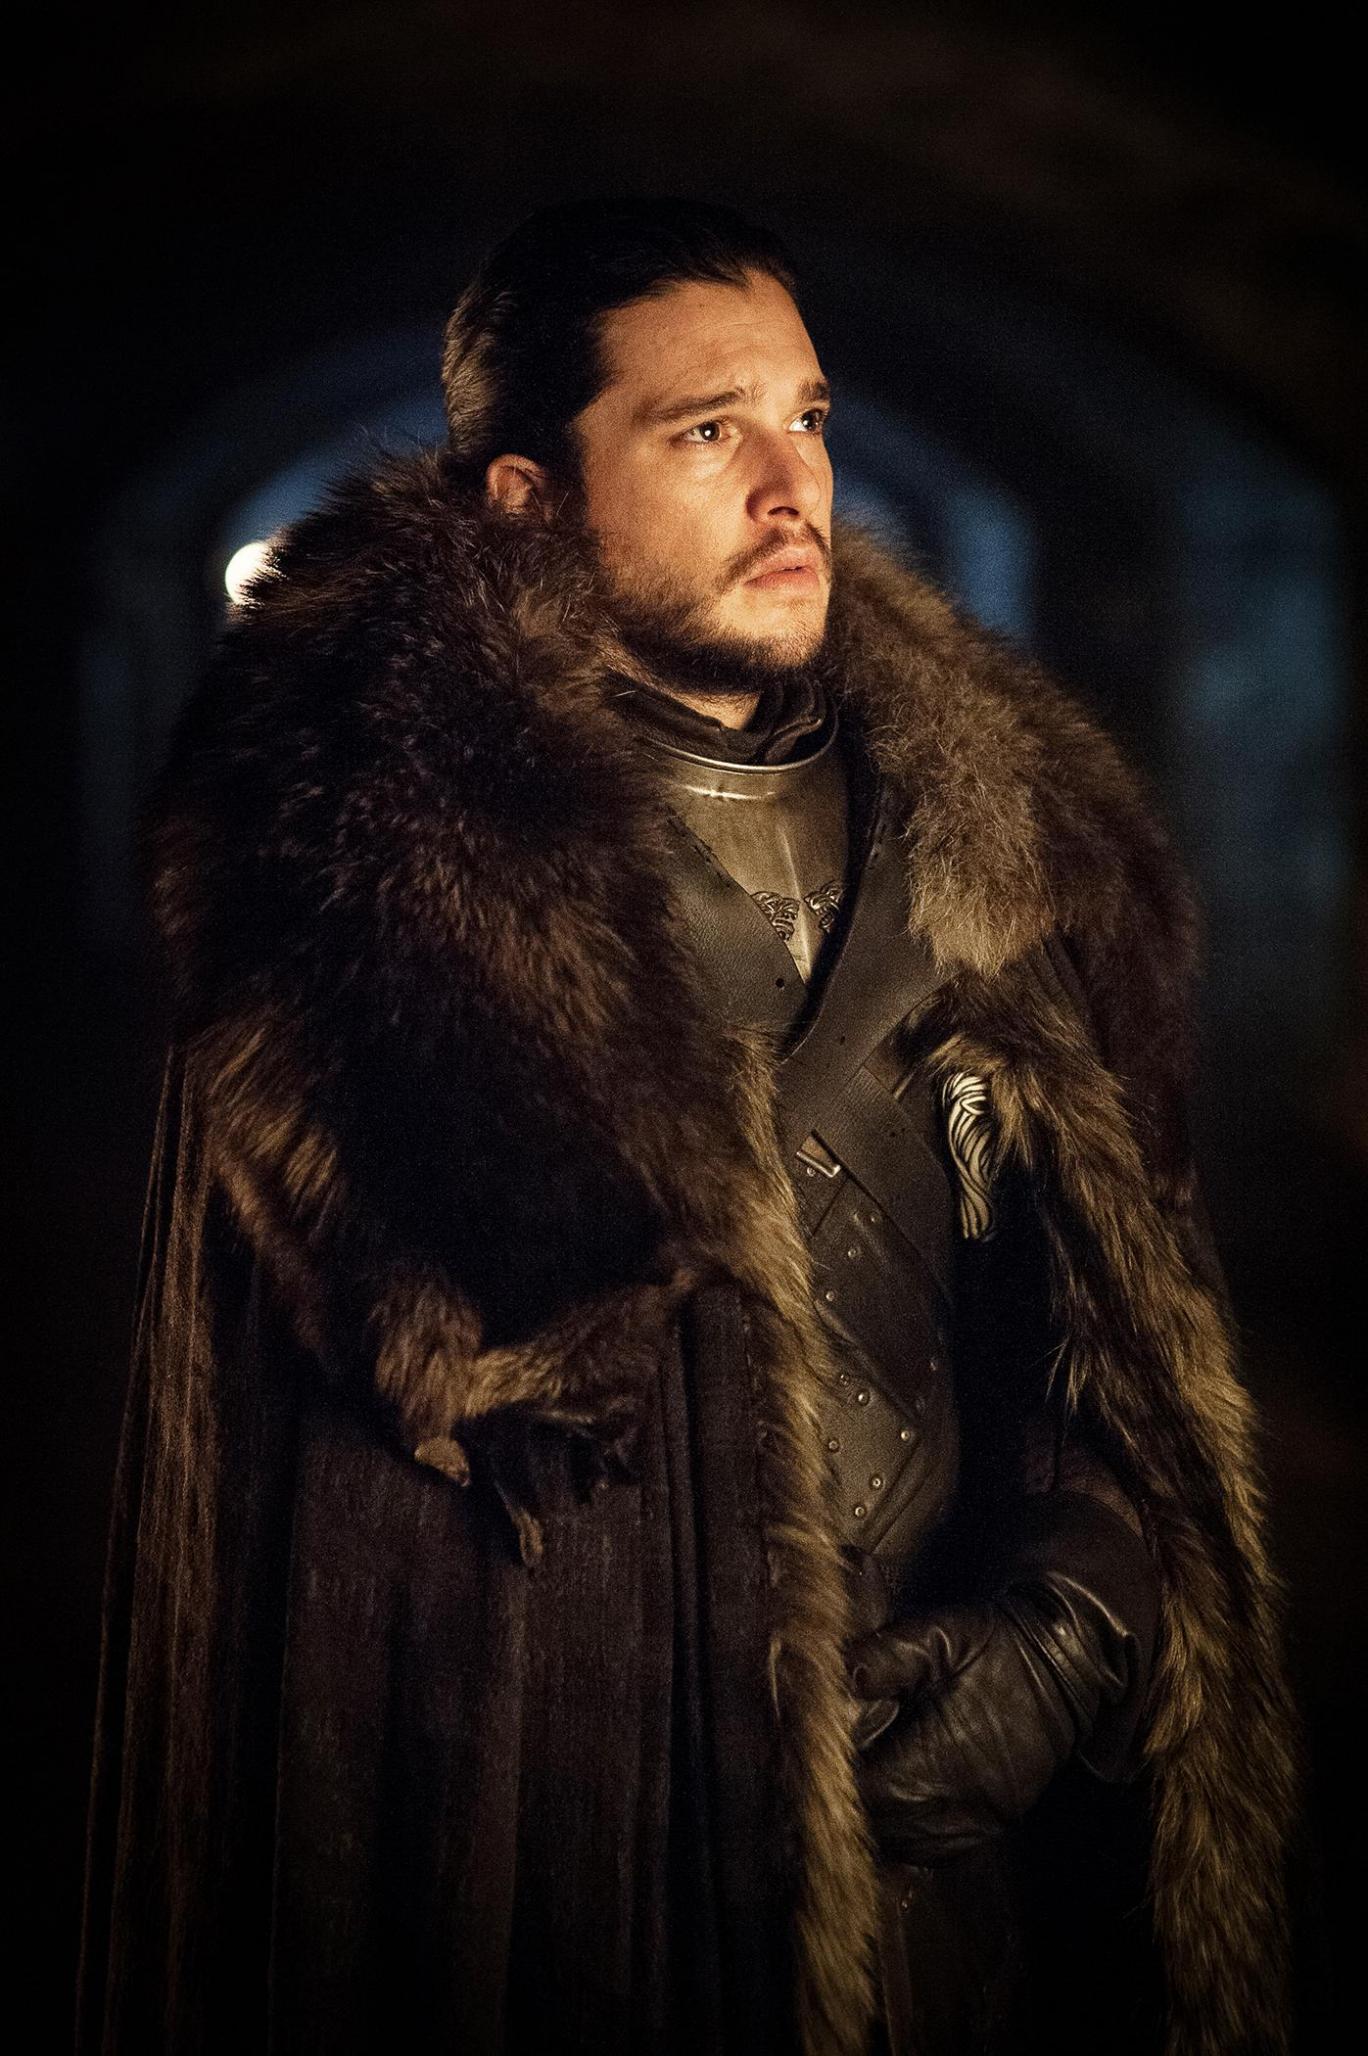 Watch Game of Thrones season 7 photos-V7